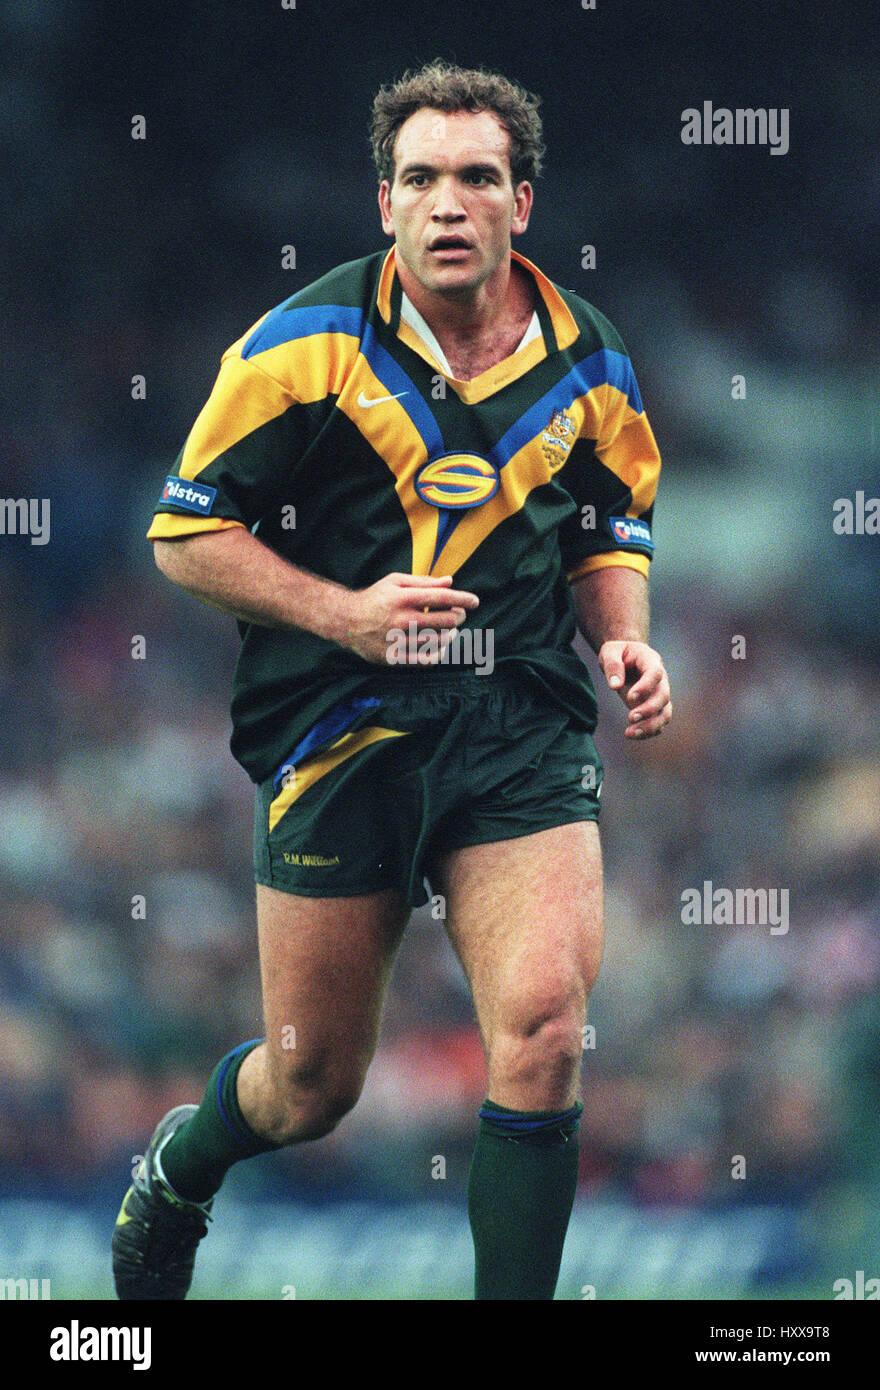 GORDEN TALLIS AUSTRALIA RL 17 November 1997 - Stock Image